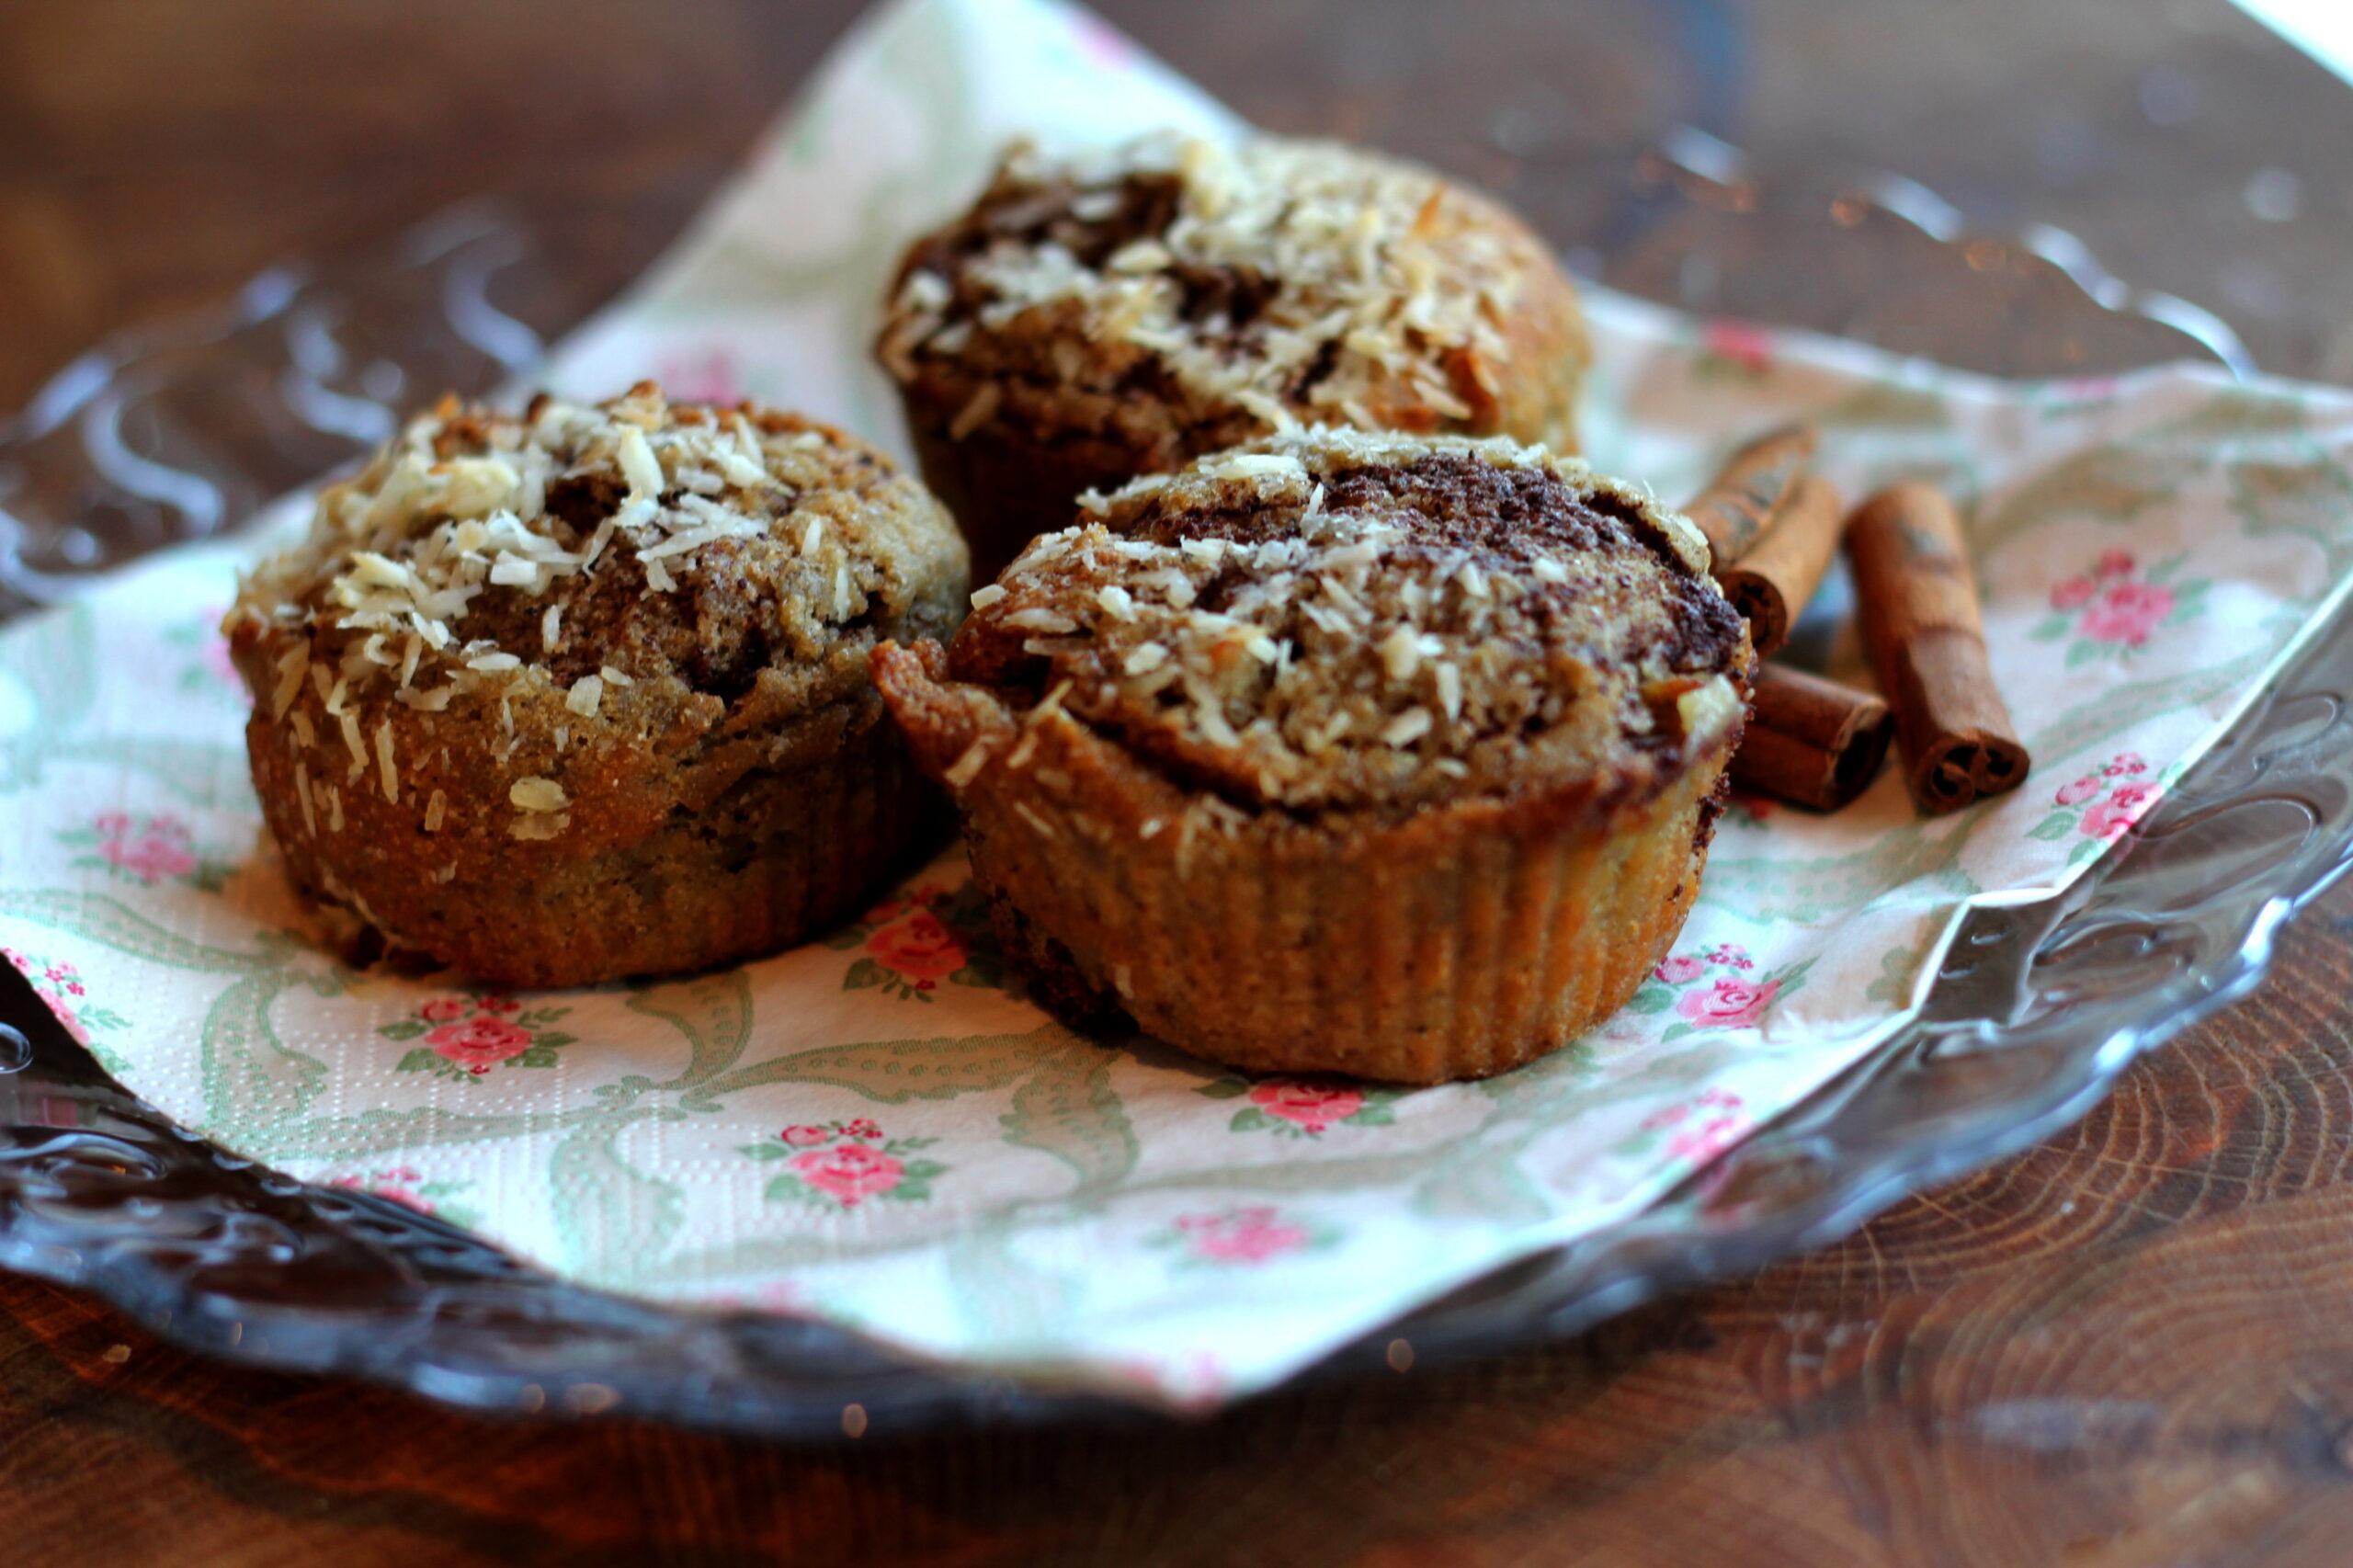 Nötfria muffins med kanel och kardemumma